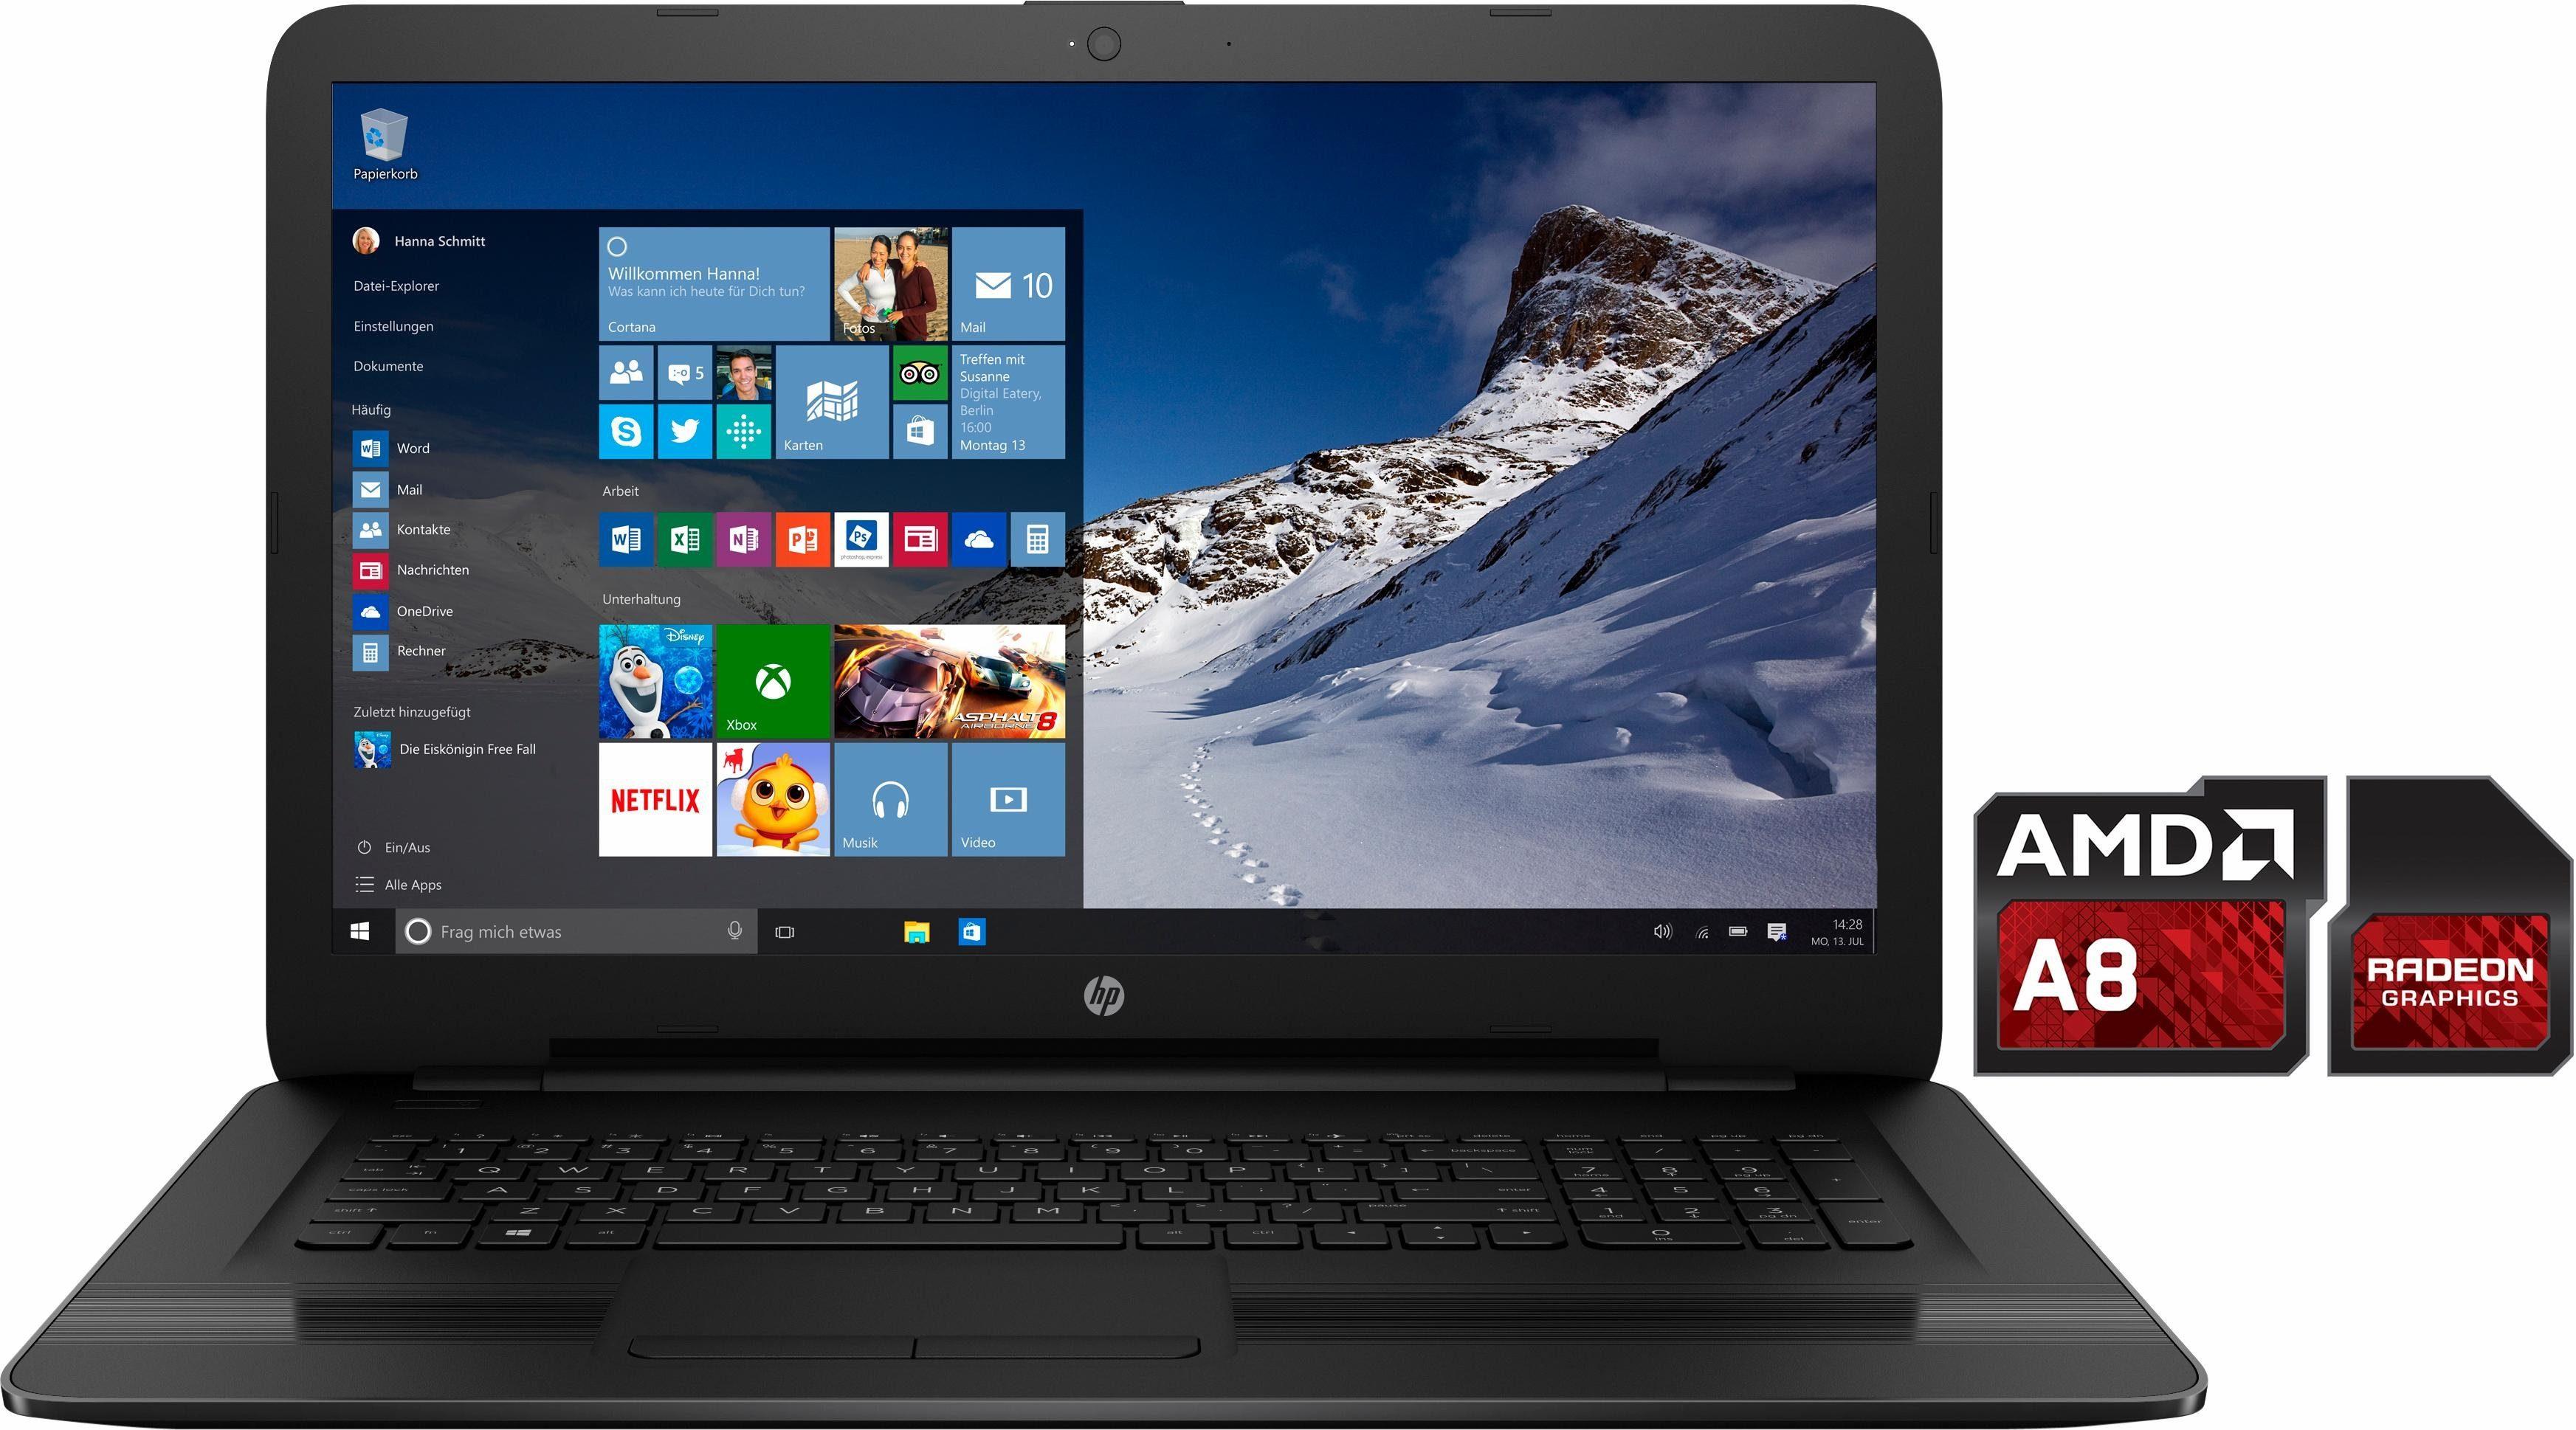 HP 17-y012ng Notebook, AMD A8, 43,9 cm (17,3 Zoll), 1000 GB Speicher, 8192 MB DDR3L-SDRAM